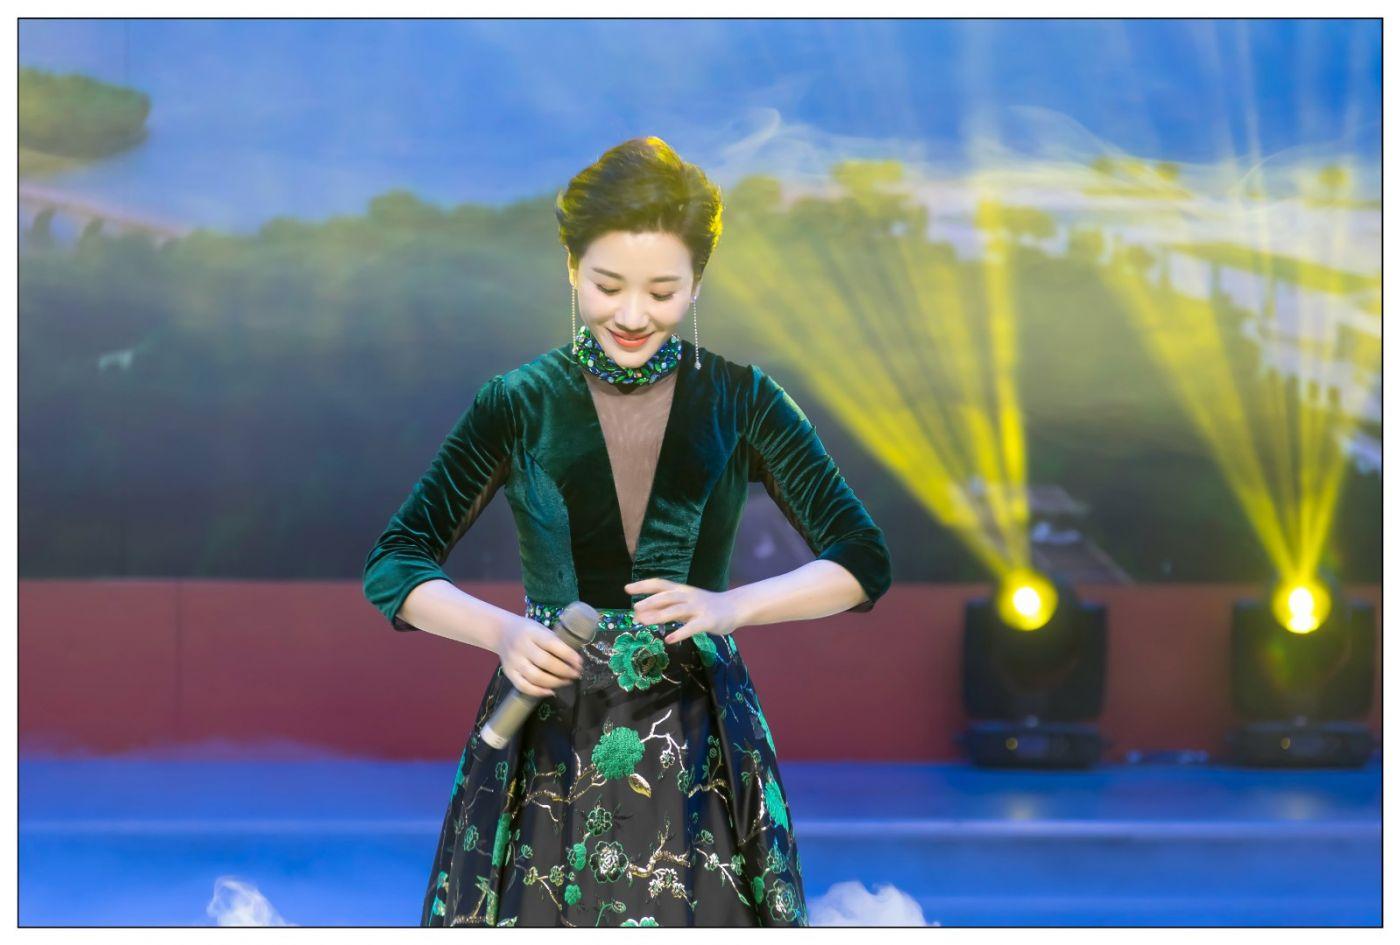 又见星光大道冠军歌手张海军 1月26央视播出 将自己唱哭的歌手 ..._图1-28